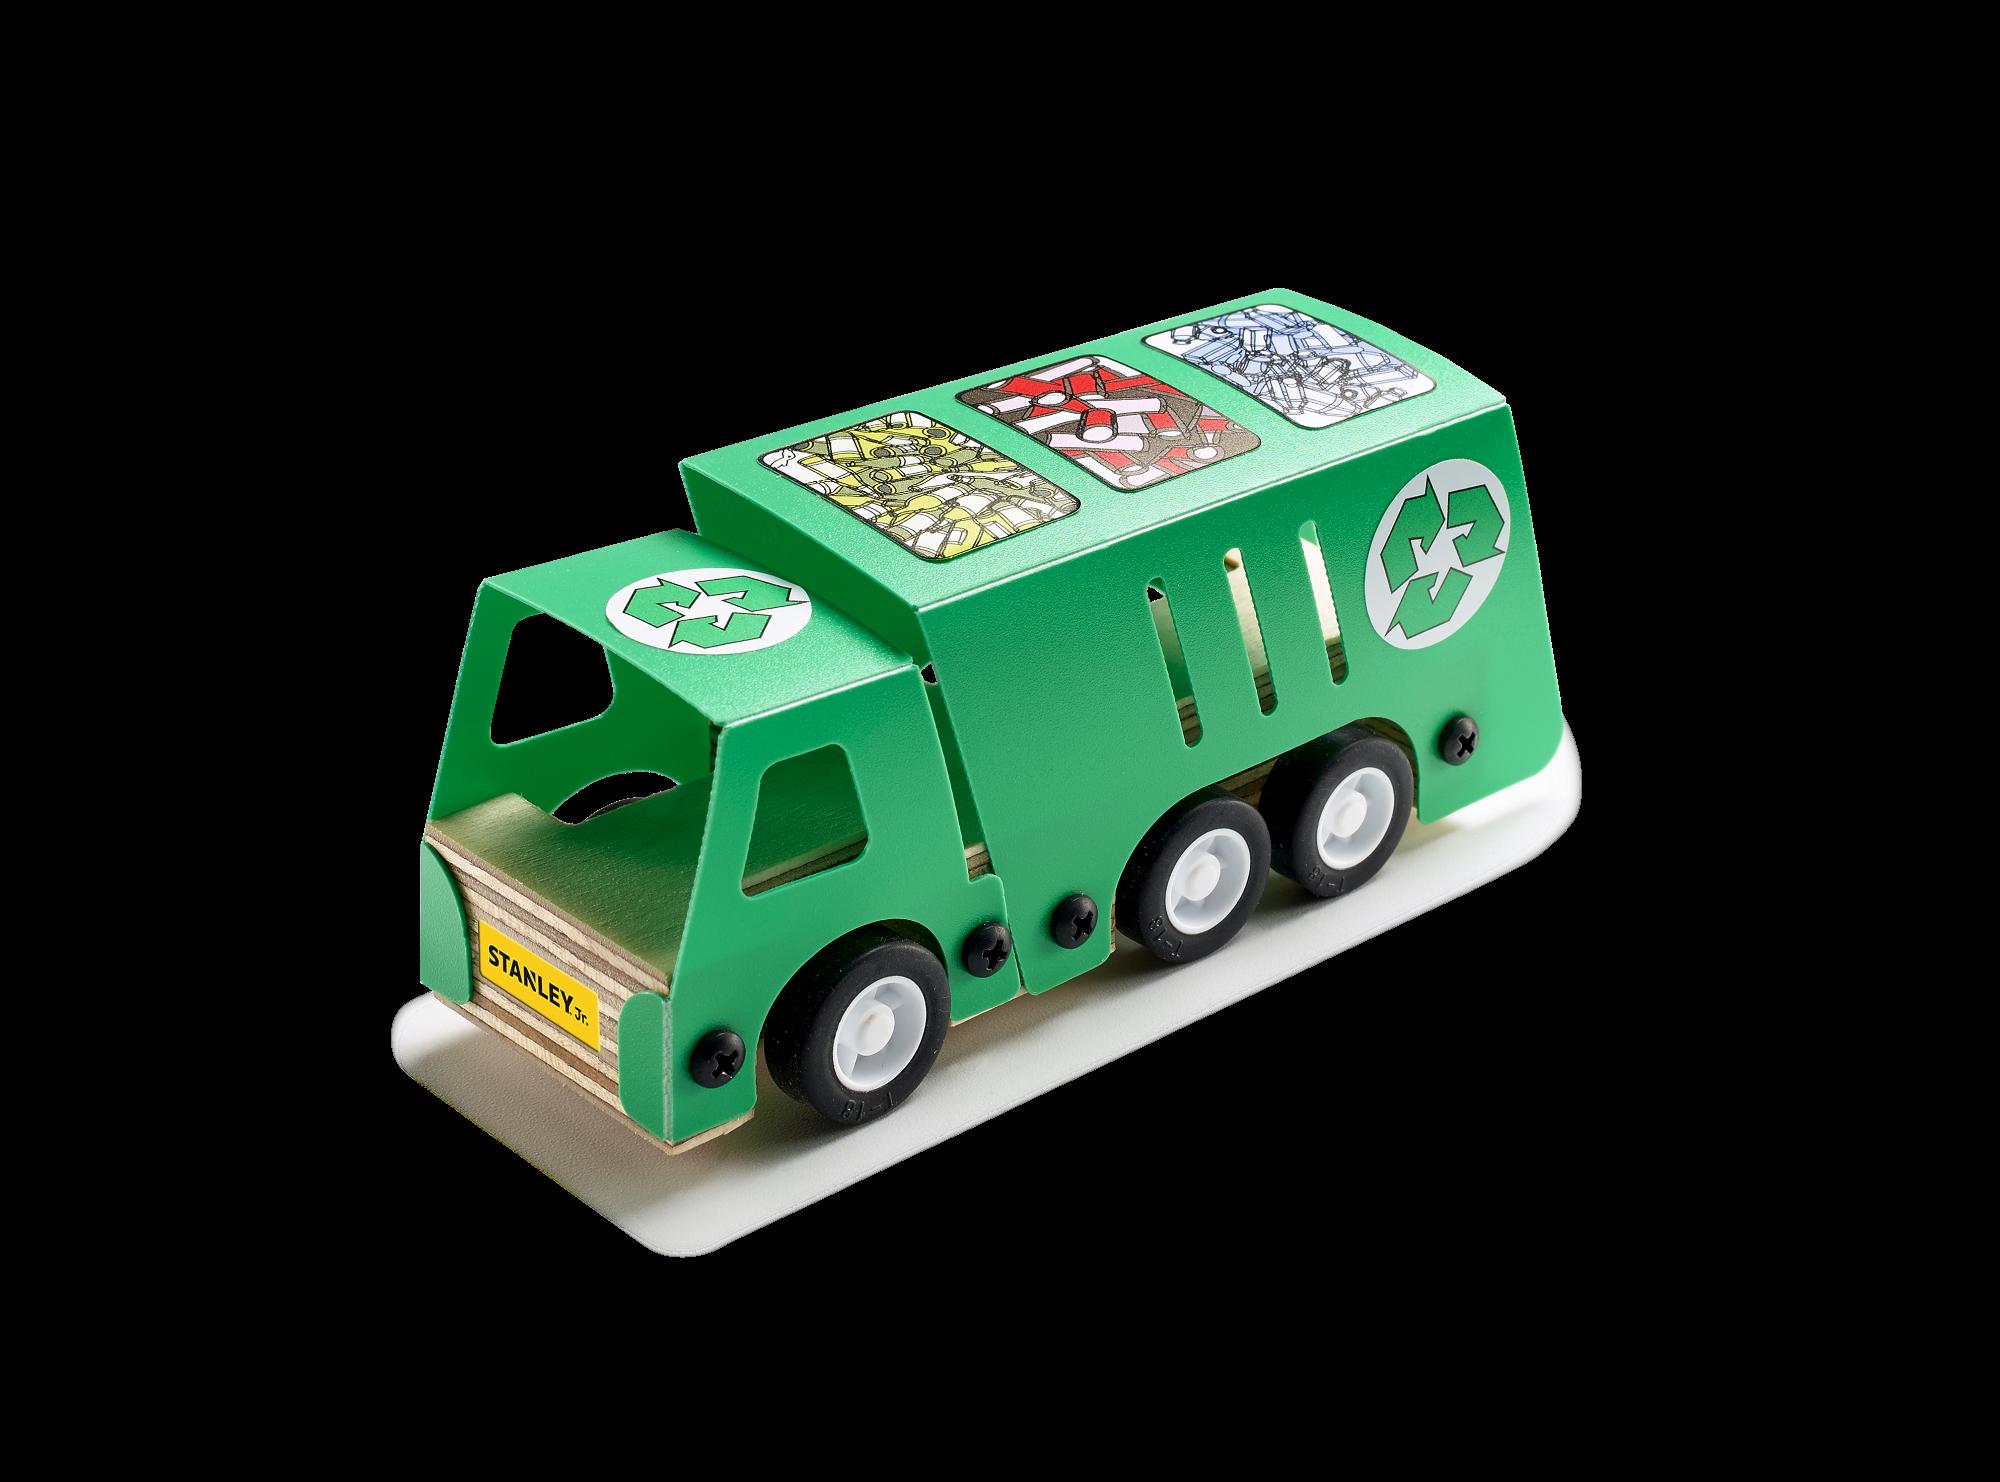 Kūrybos rinkinys STANLEY Atliekų pervežimo mašina vaikams nuo 5 metų